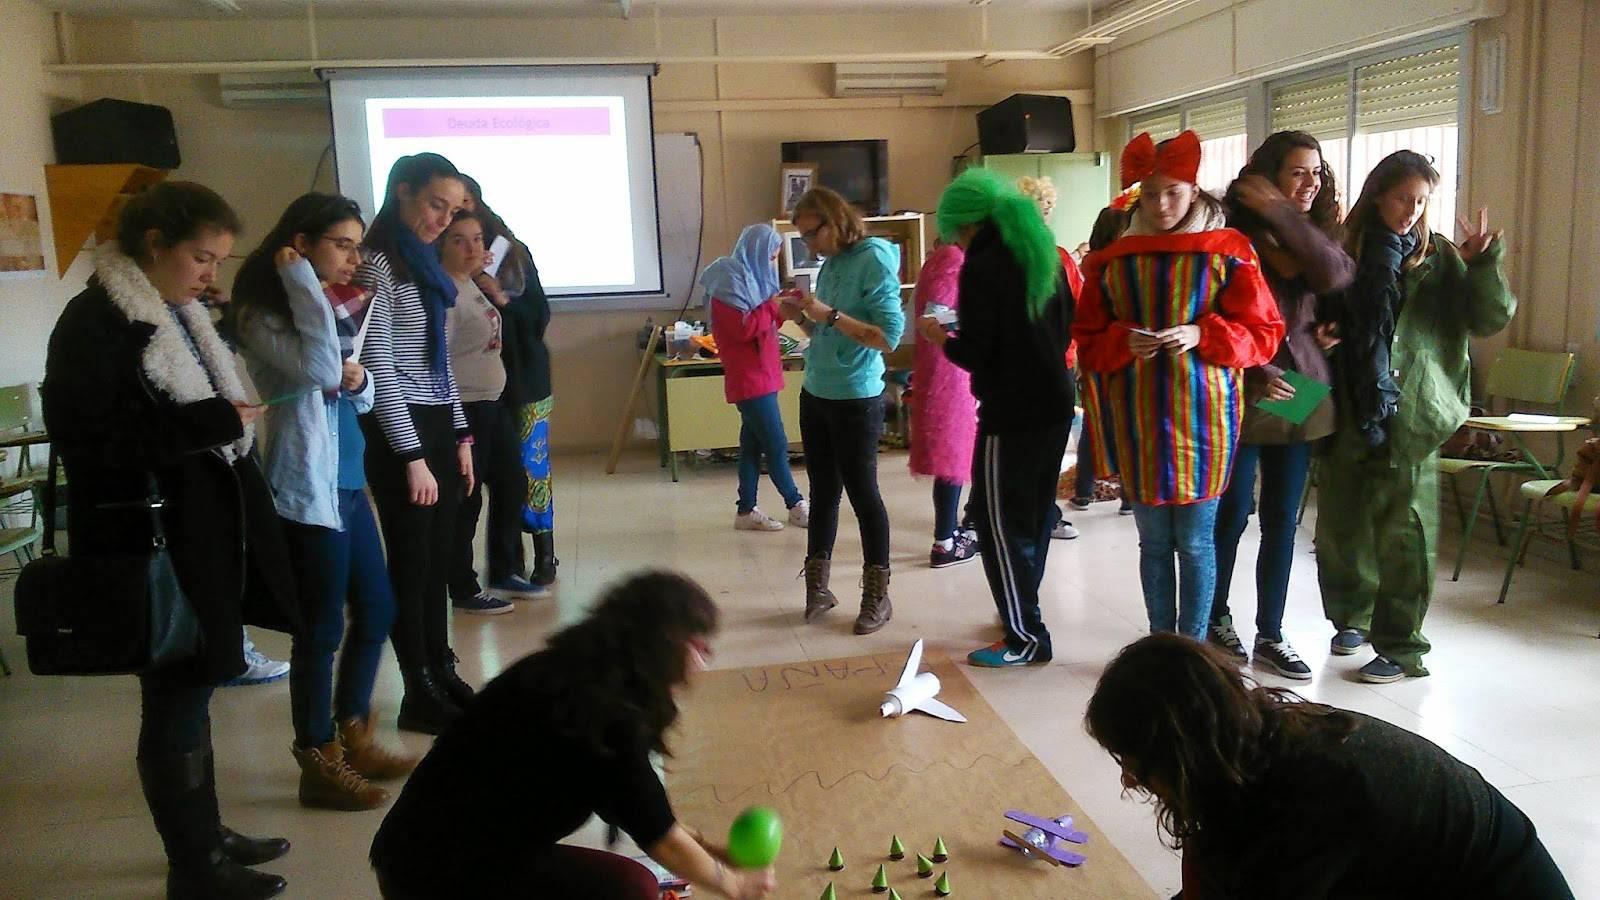 DSC 4416 - Anthropos celebra una jornada de educación medioambiental en el IES Hermógenes Rodríguez